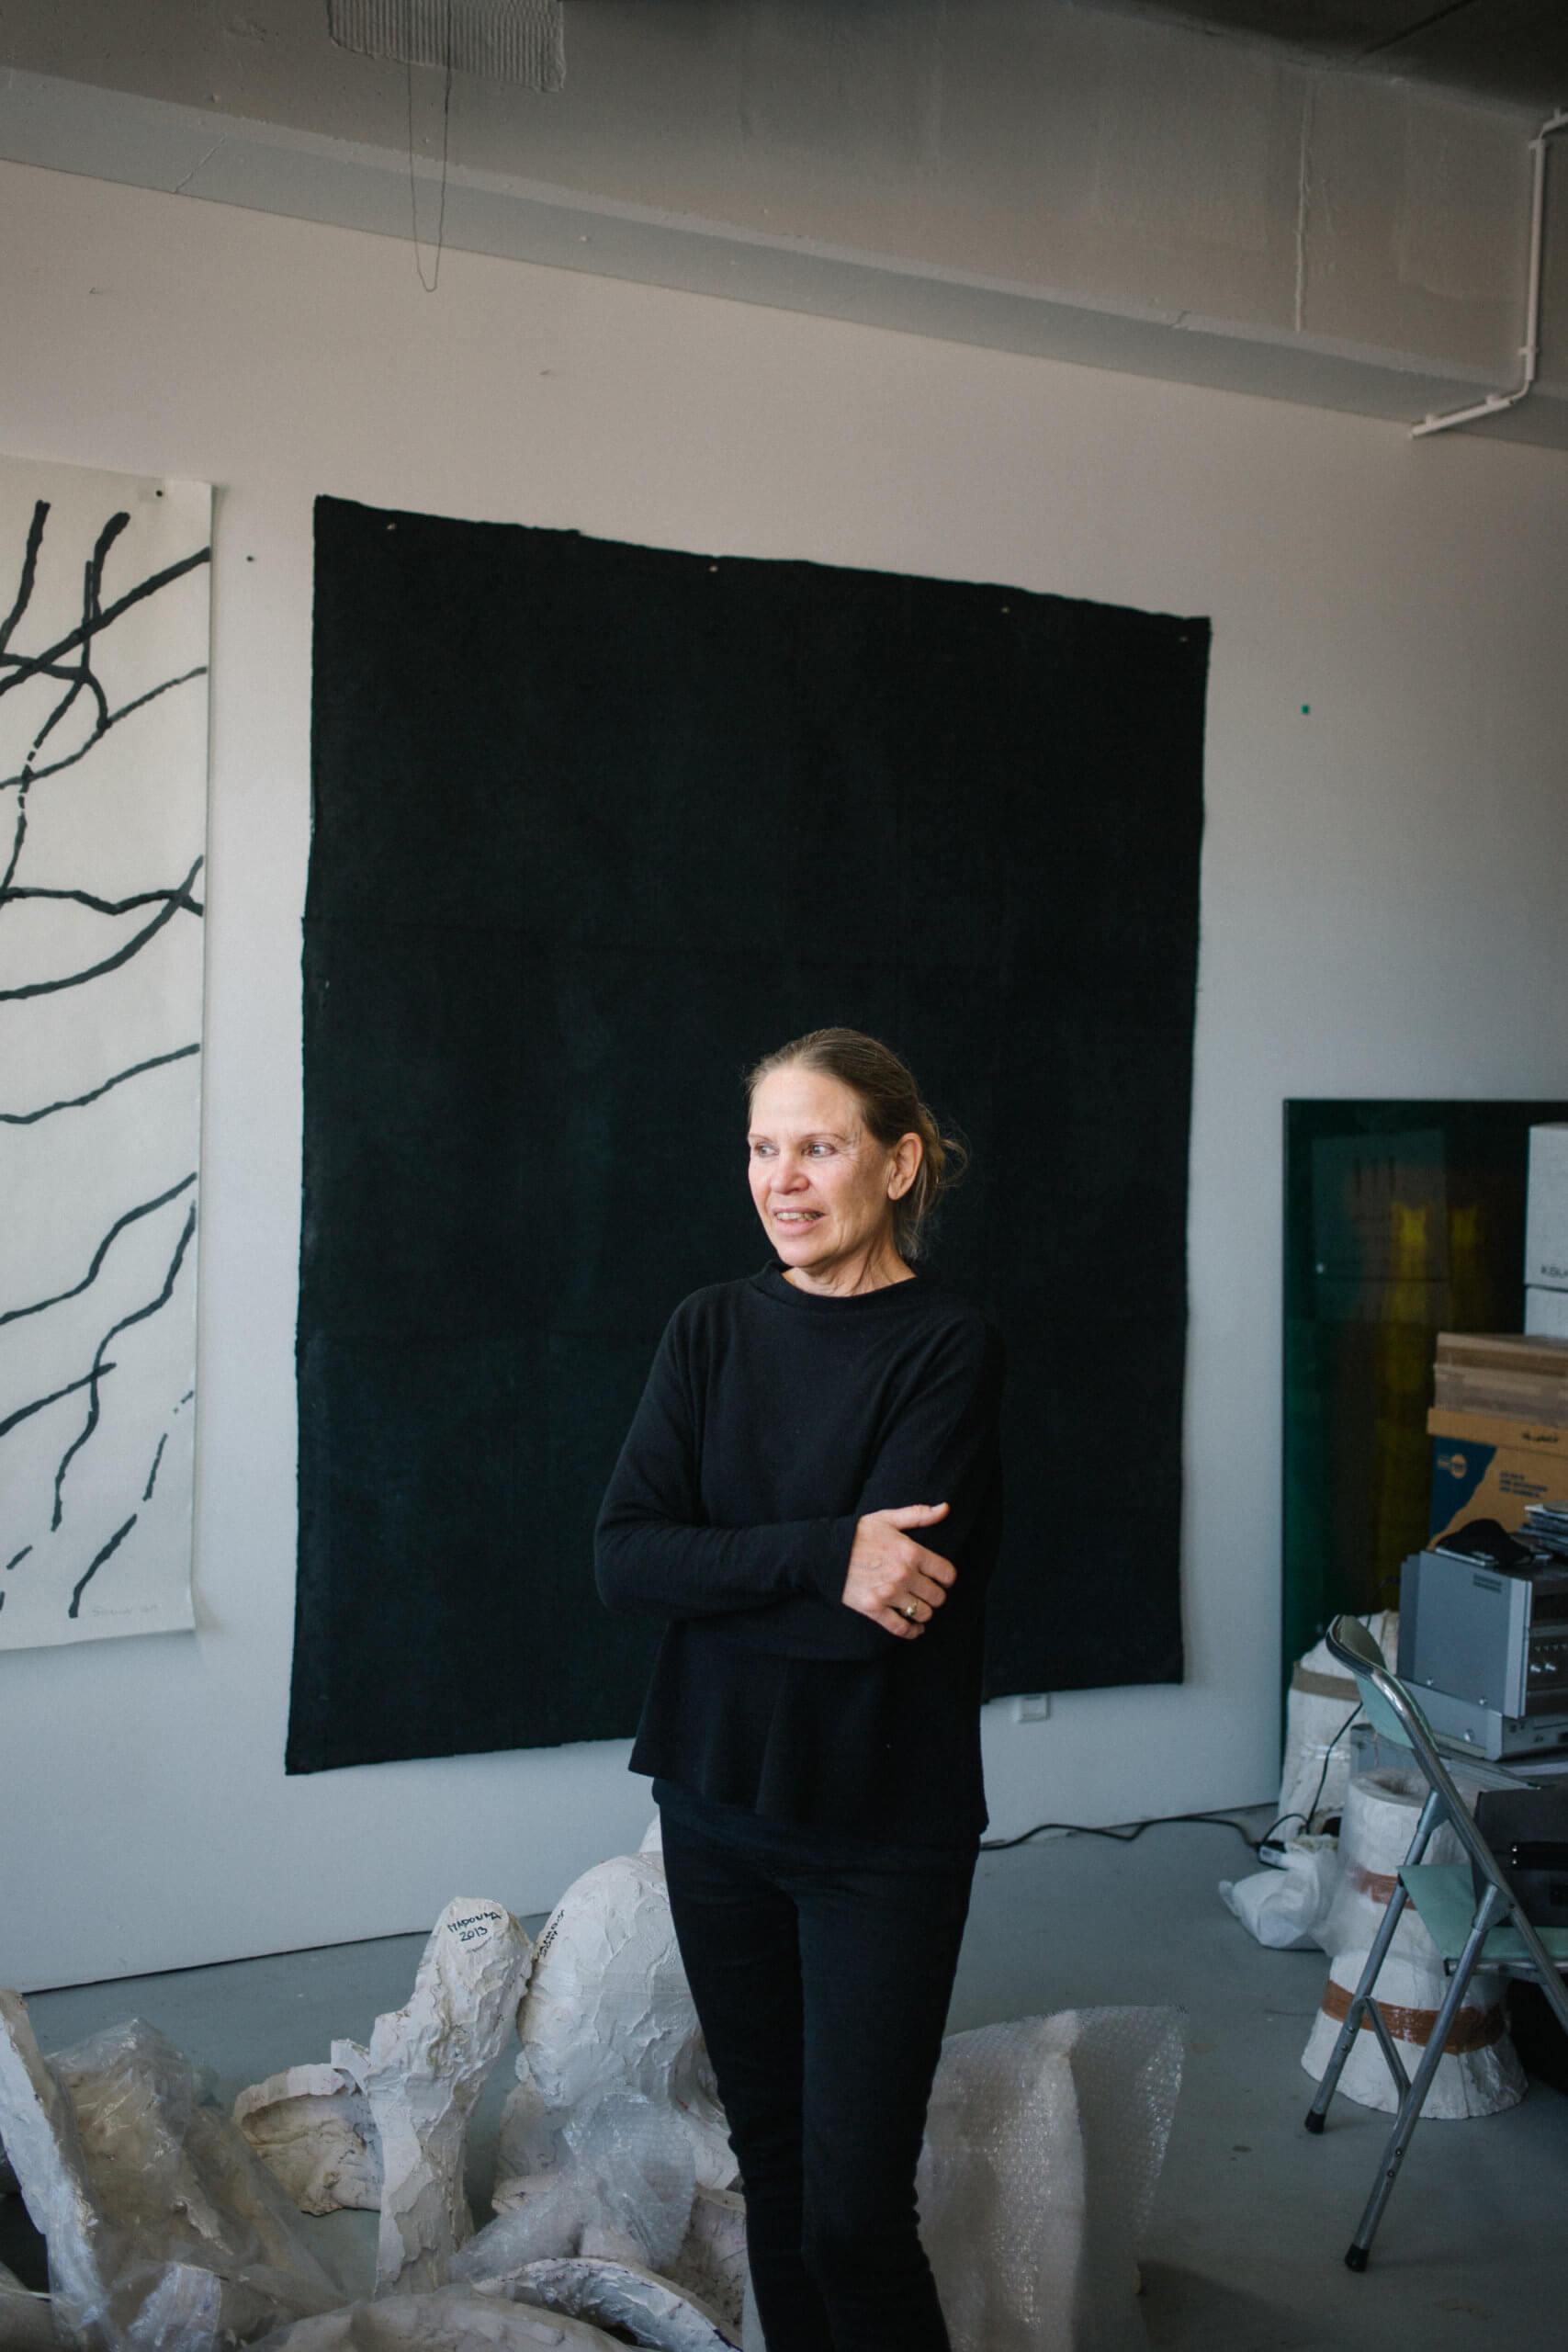 Silvia Schreiber steht in ihrem Atelier vor einer schwarzen Leinwand